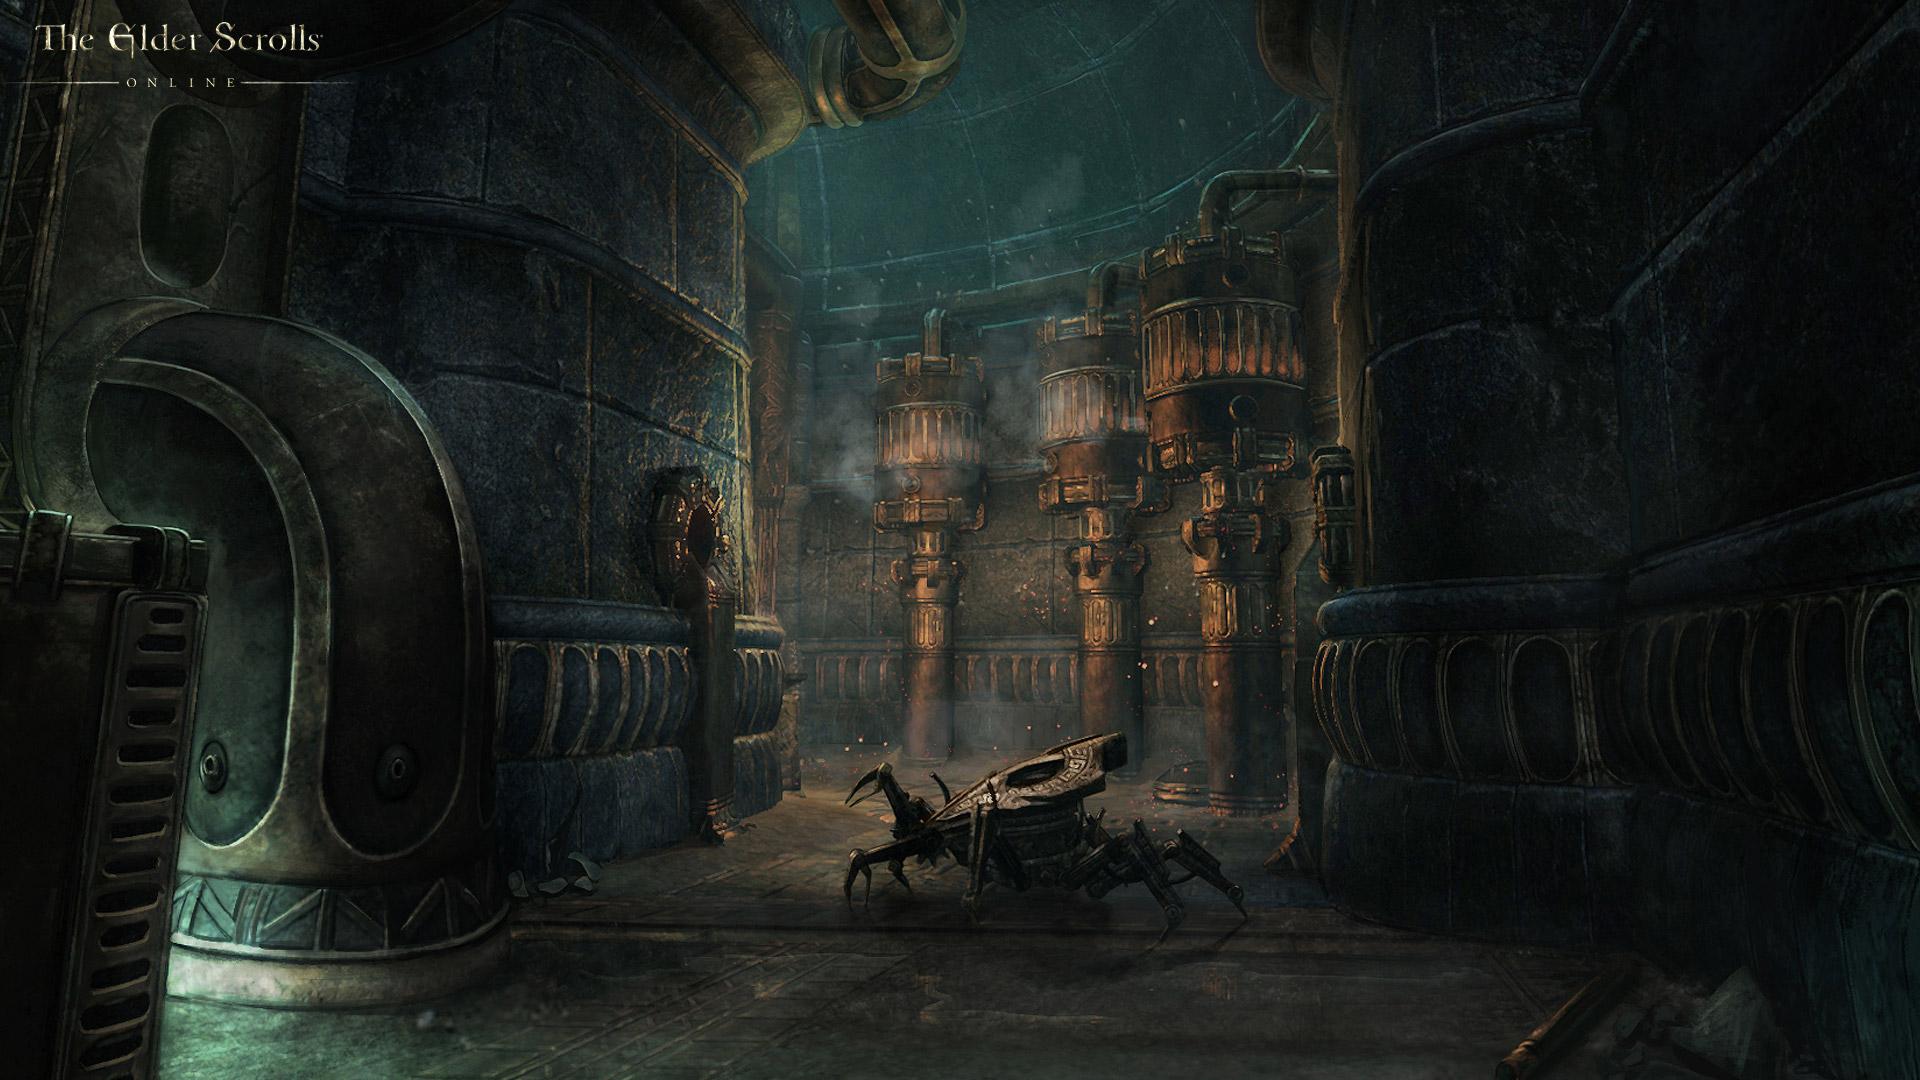 Free The Elder Scrolls Online Wallpaper in 1920x1080